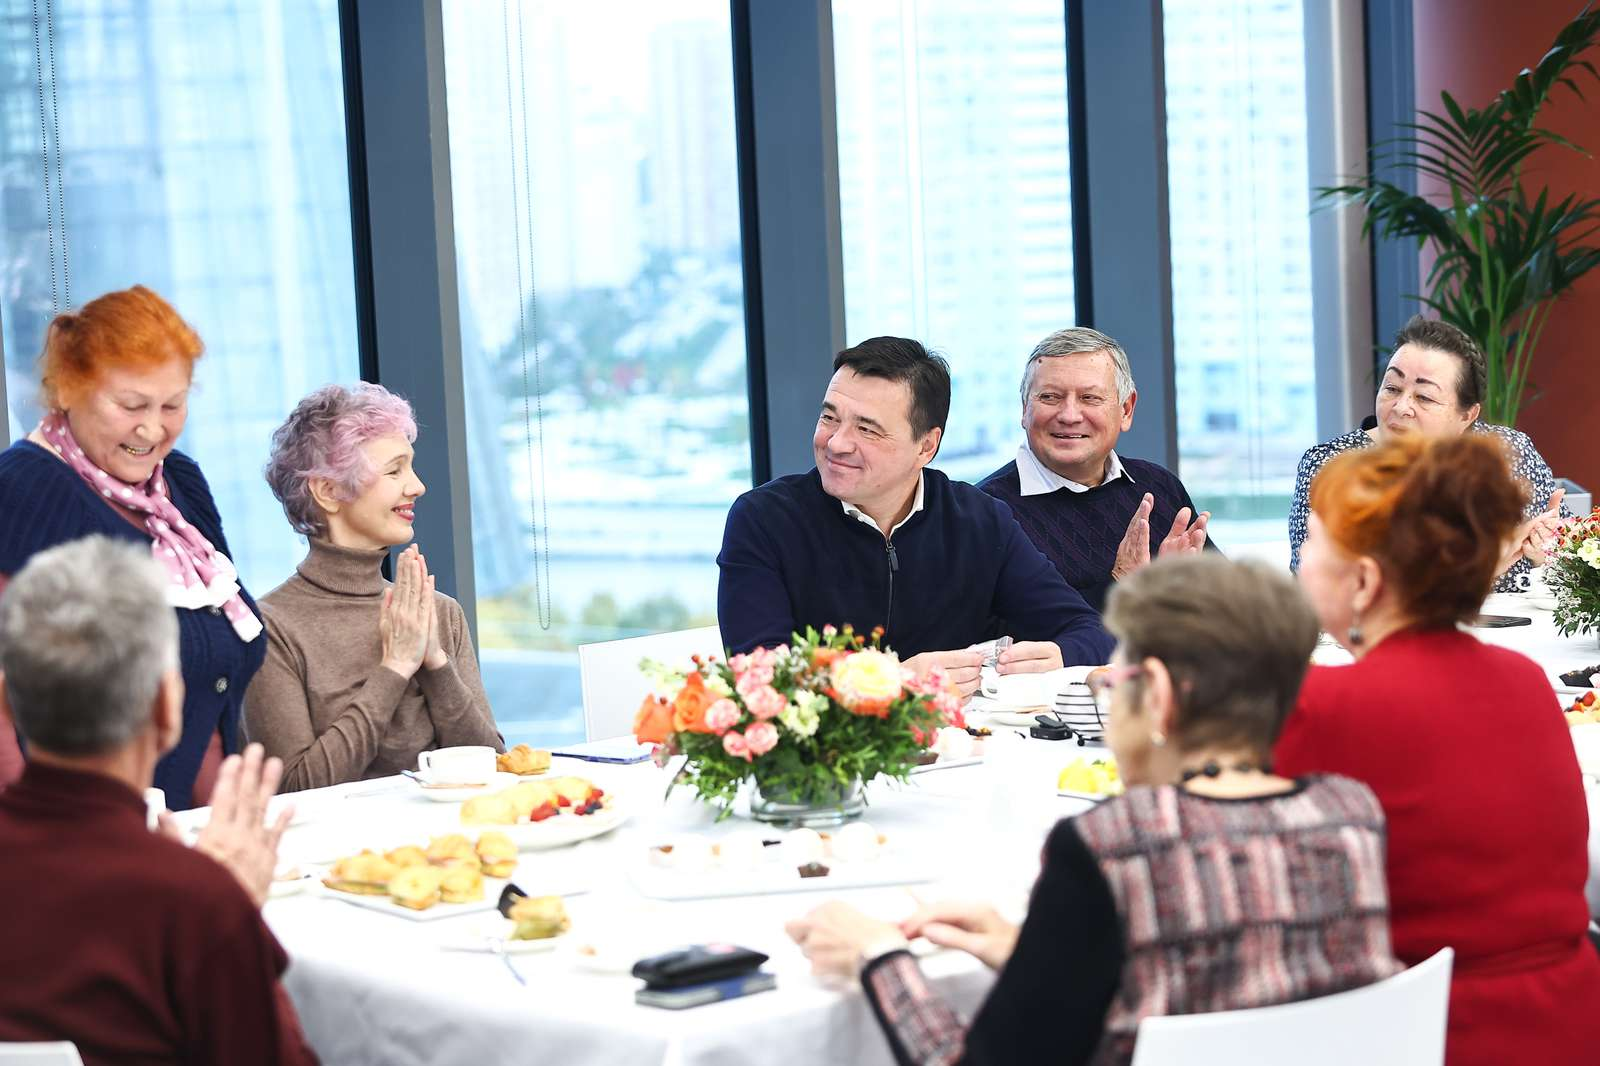 Современные и увлеченные. Как «Активное долголетие» помогает старшему поколению Подмосковья развиваться и путешествовать | Изображение 1